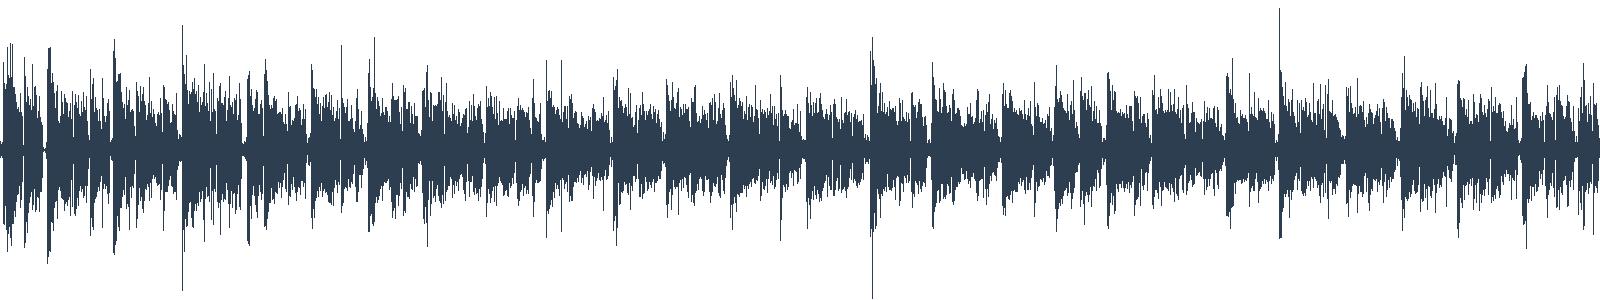 Audioknihy jako na běžícím pásu aneb Nové audioknihy 46/2019 waveform